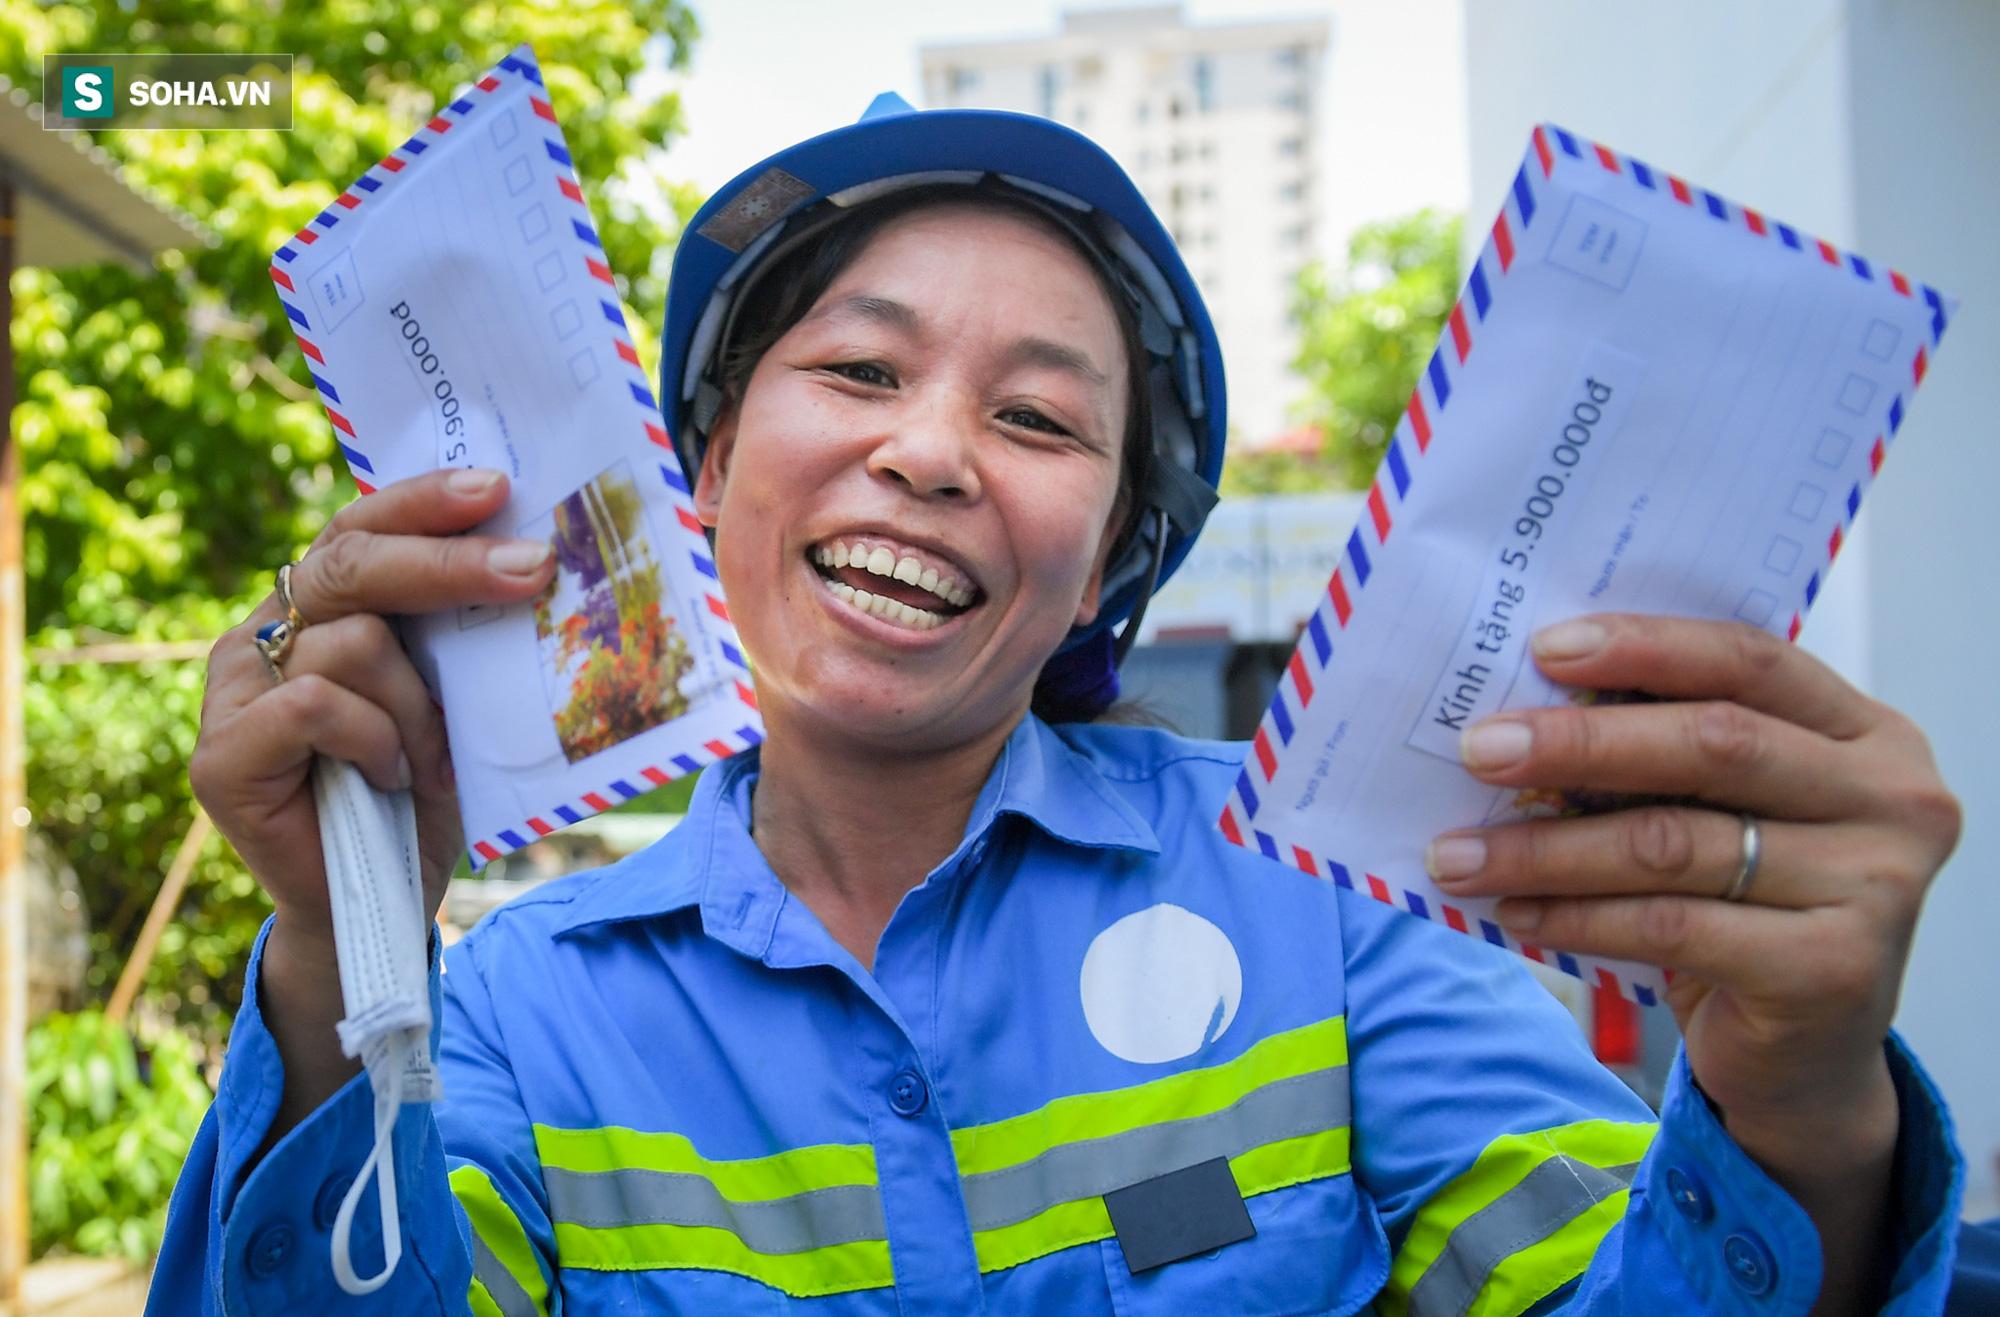 Cử nhân Triết học đi quét rác bị nợ lương: Hạnh phúc vì có nhiều người giúp đỡ, BTV Ngọc Trinh sẽ trả tiền học cho con - Ảnh 6.